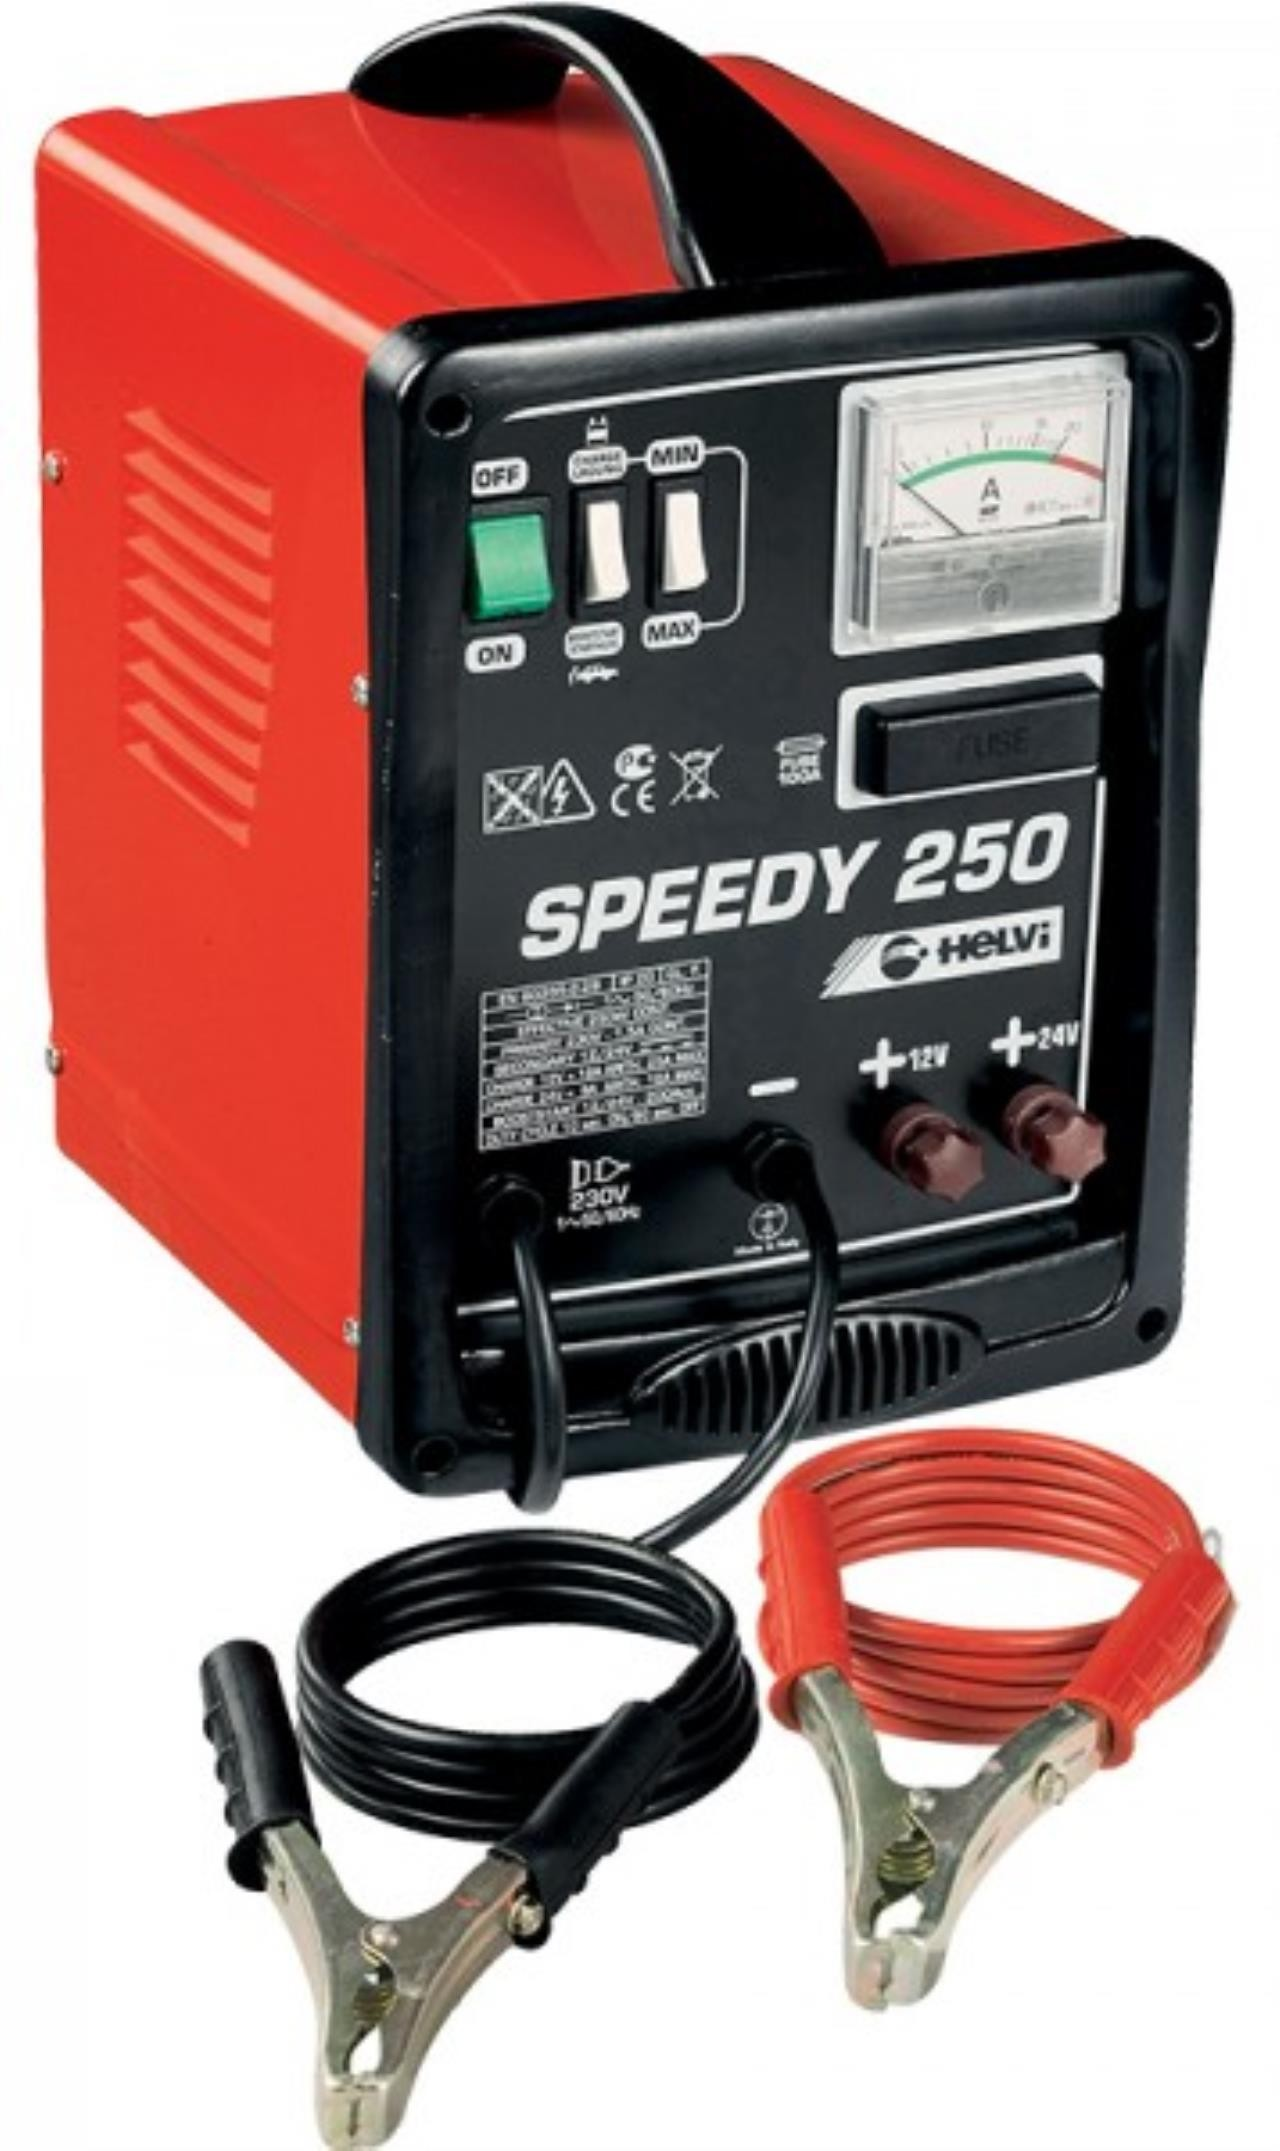 Batterilader Speedy 250 m/star